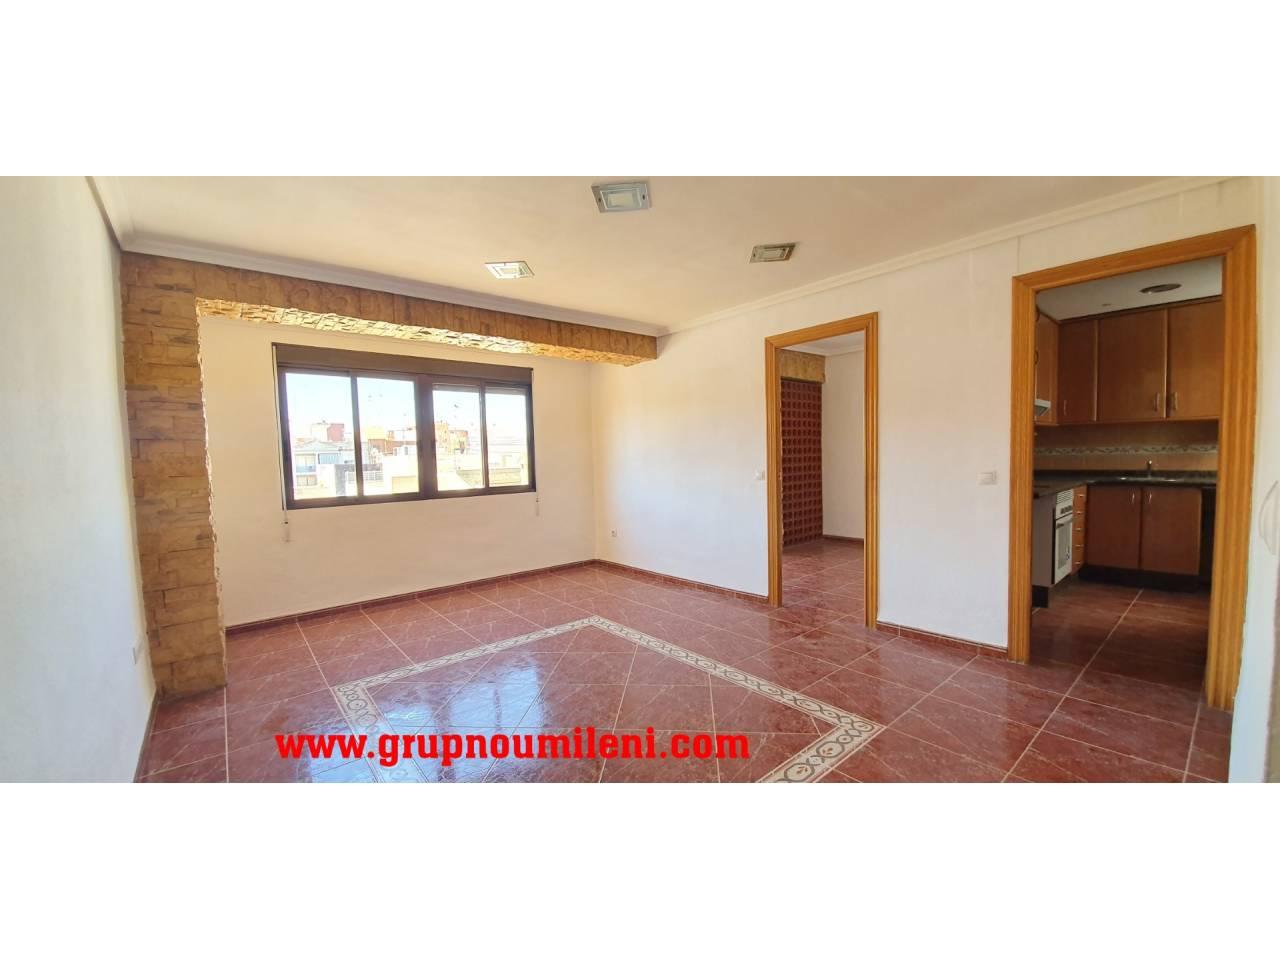 Alquiler Piso  Centre-la canaleta. Altura piso 5º, piso superficie total 66 m², superficie útil 60